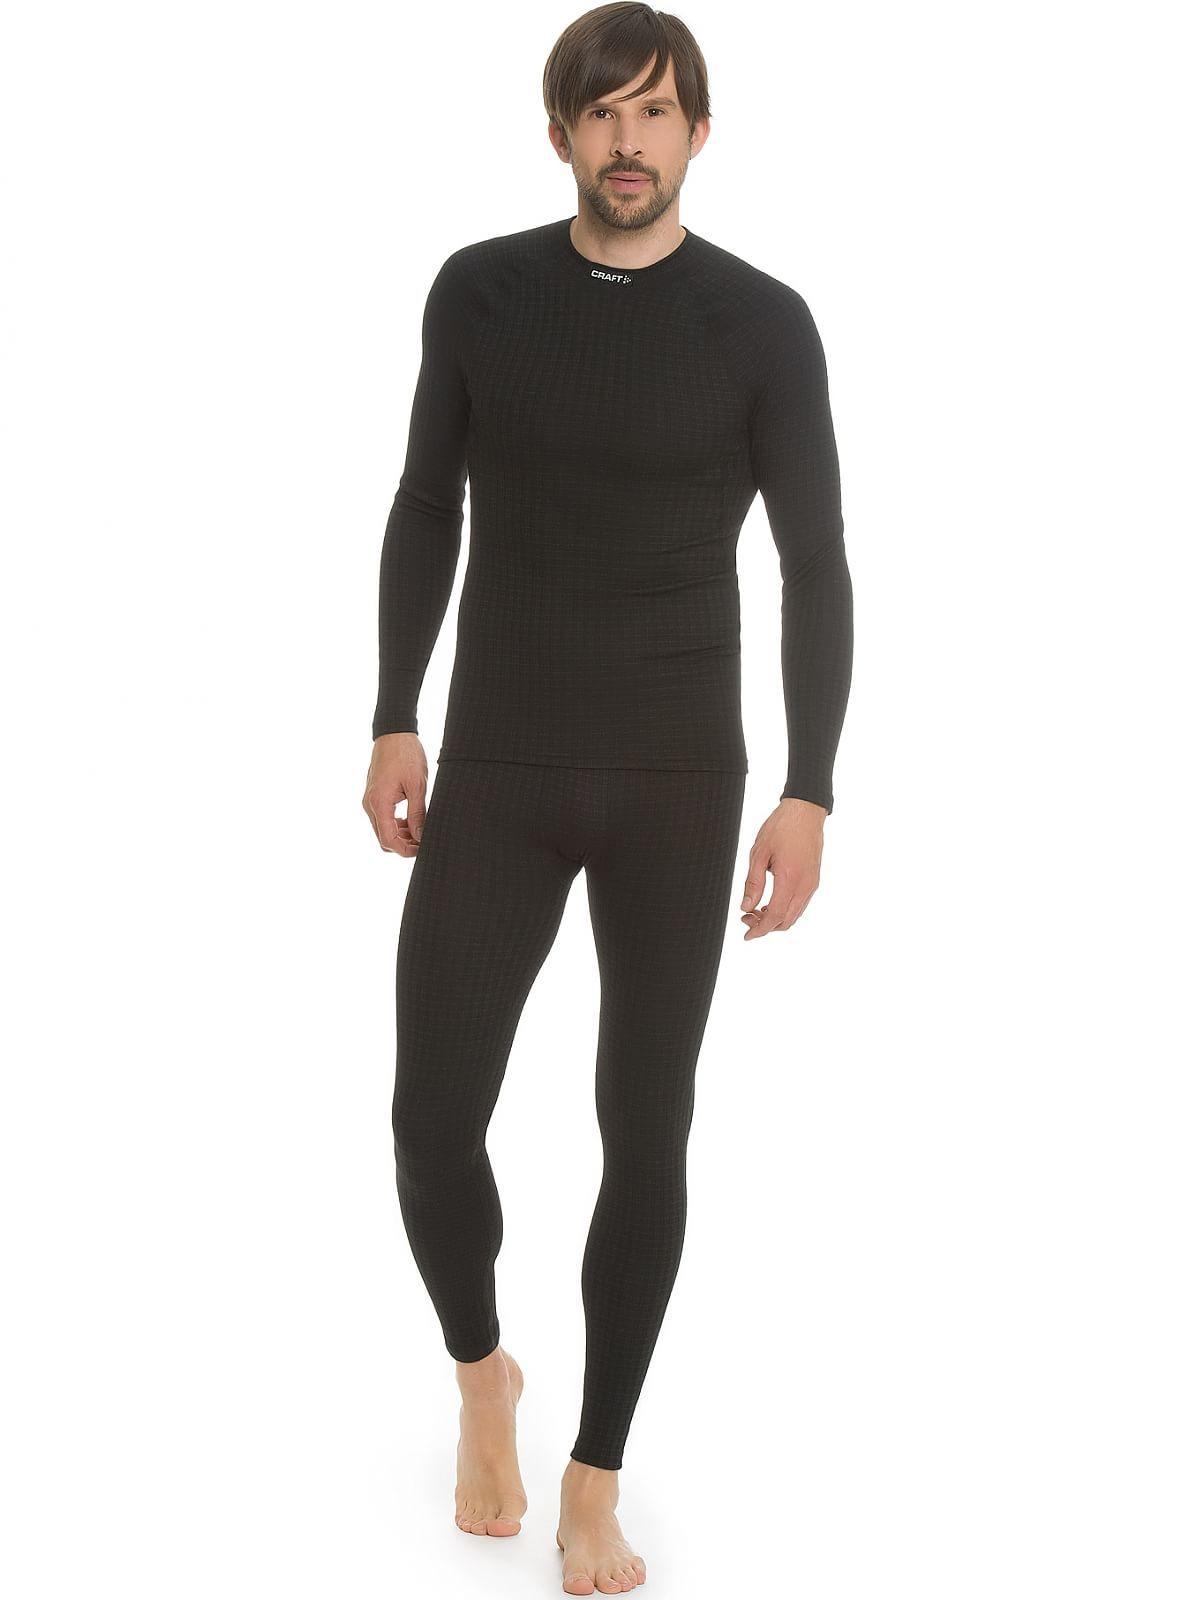 Мужское термобелье рубашка с шерстью мериноса крафт Warm Wool Black (1903726-9999)